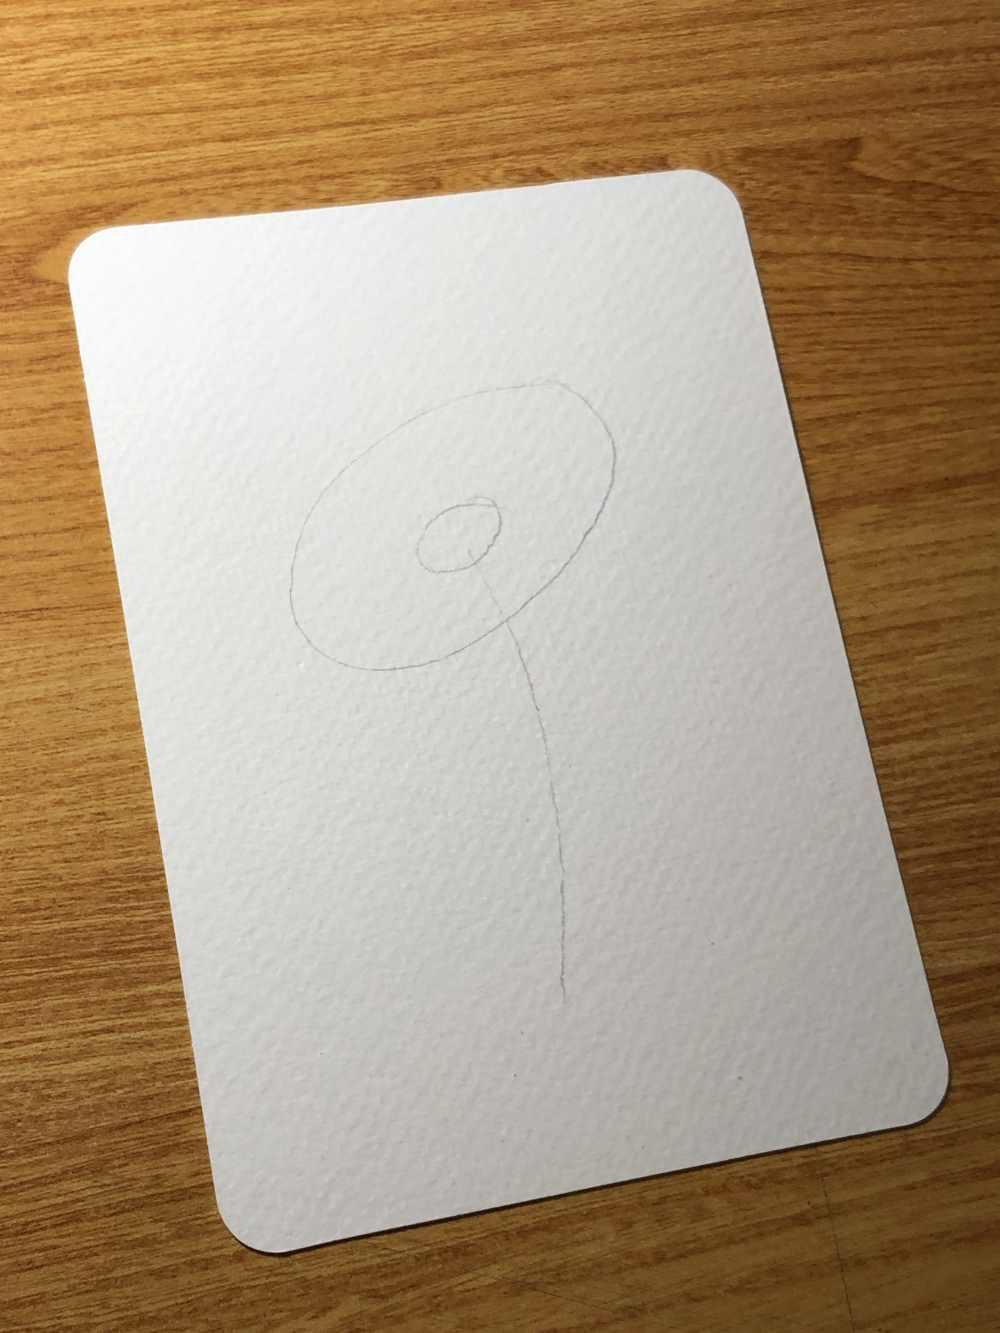 Skizzenbeginn einer einfachen Blume zum zeichnen